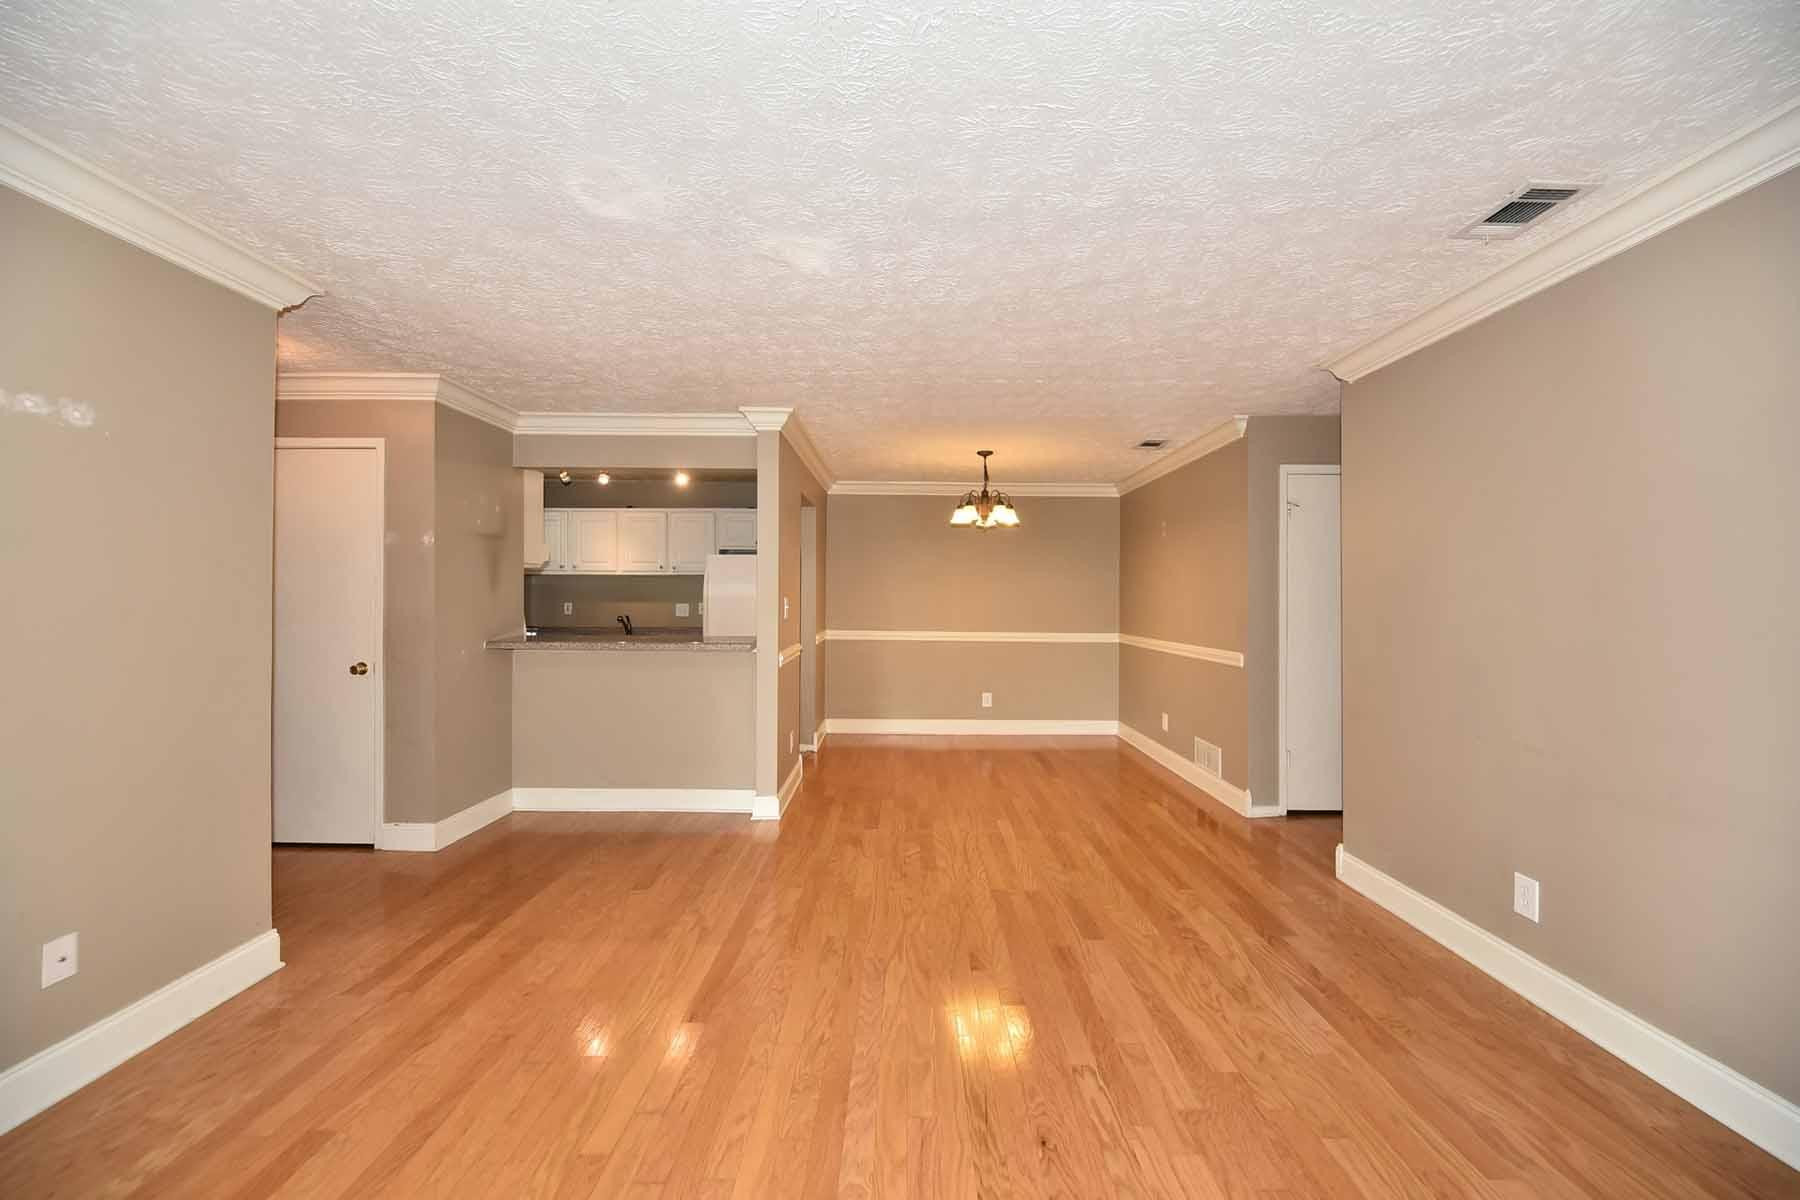 Condomínio para Venda às Top Floor Move-In Ready Condo In Sandy Springs 6818 Glenridge Drive Sandy Springs, Geórgia, 30328 Estados Unidos